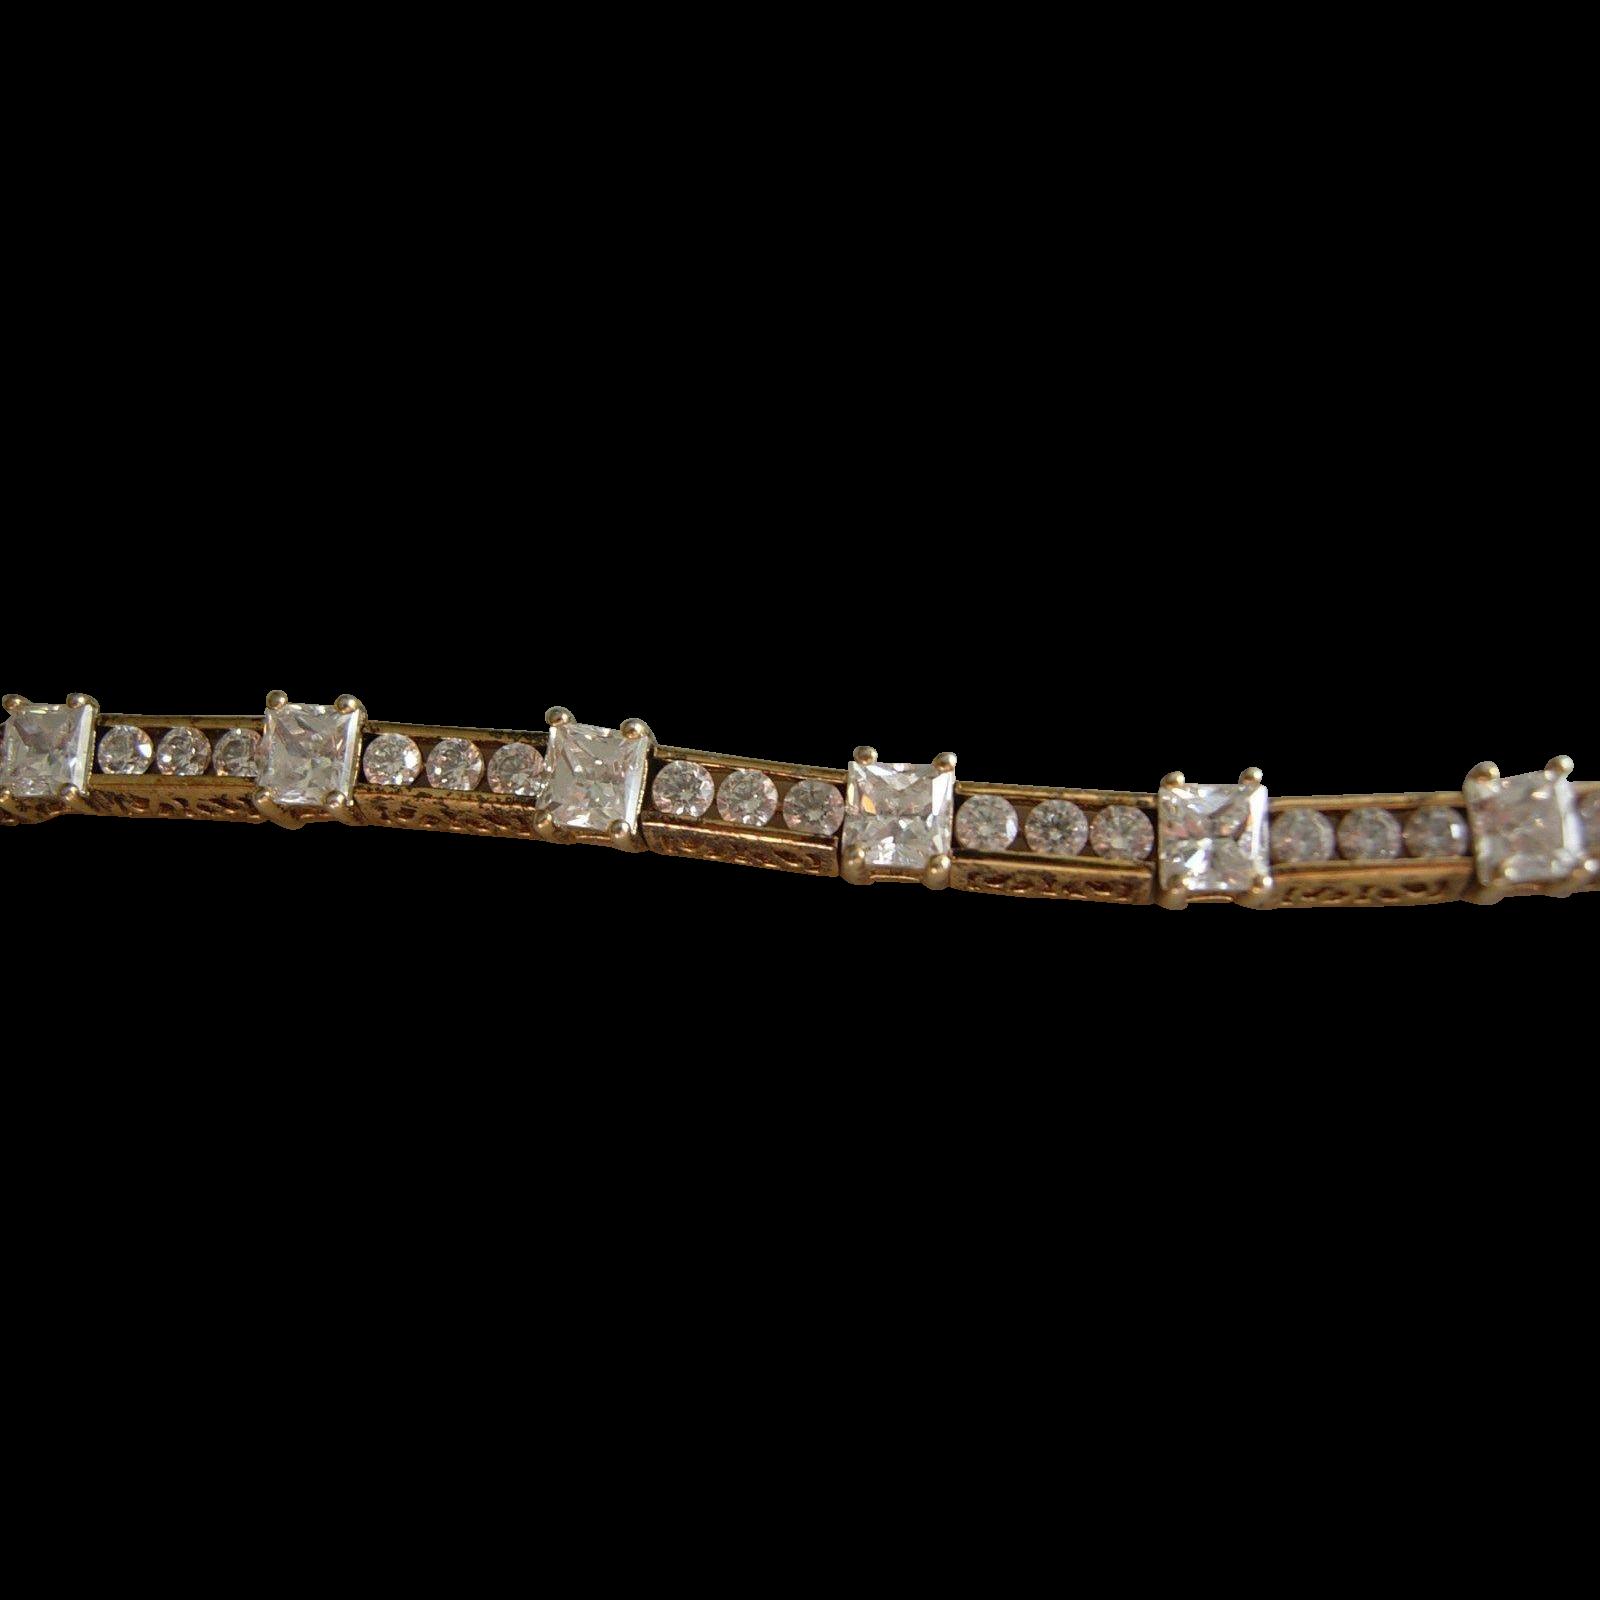 Vintage princess Cut and Rounds Tennis Bracelet